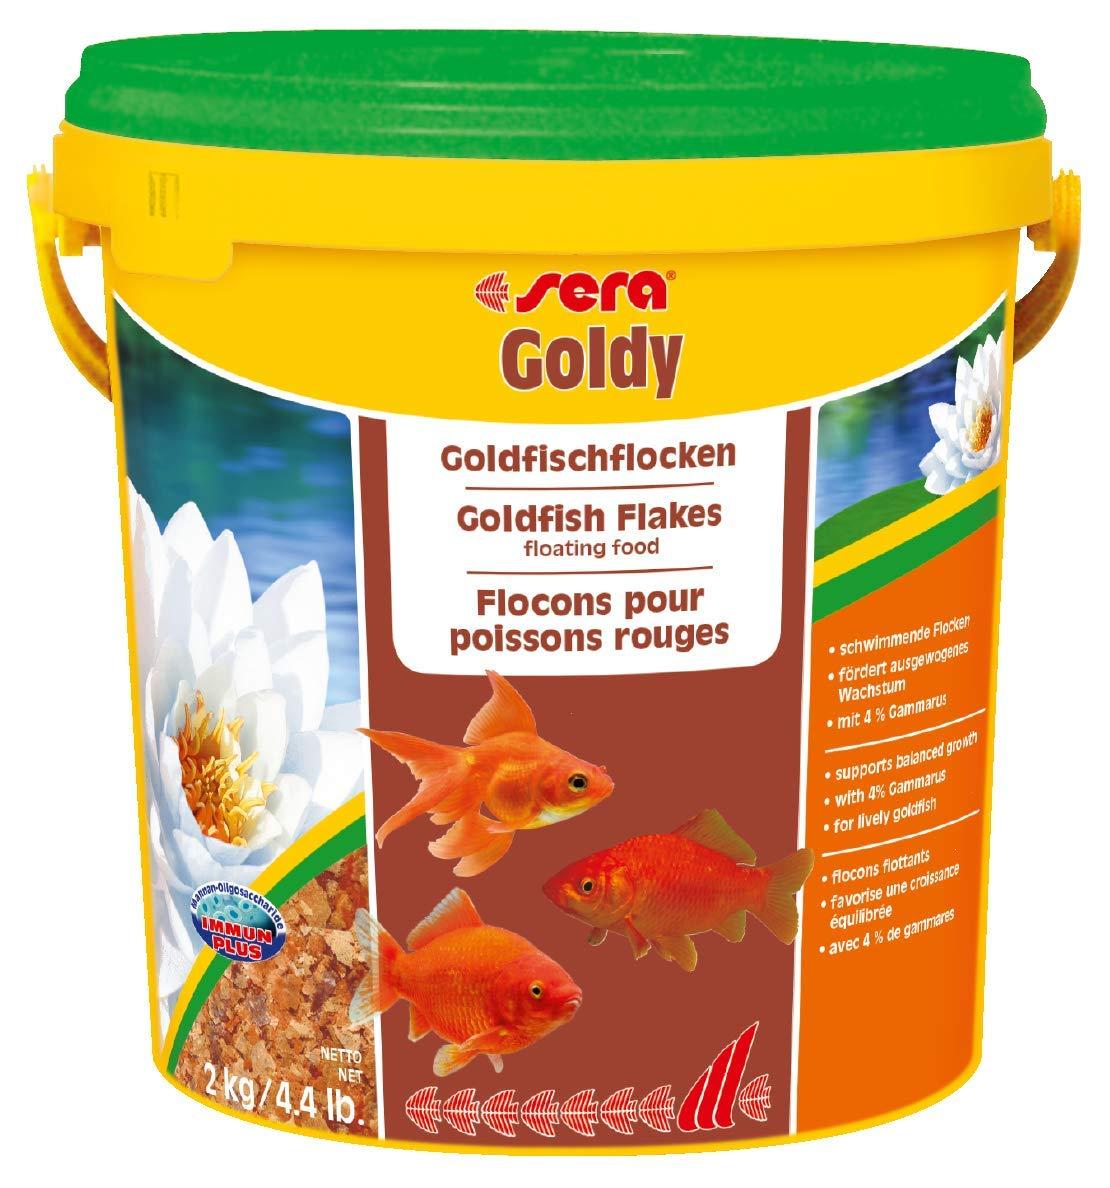 Sera 1 Piece Goldy Fish Food, 4.4 lb/10 L by Sera